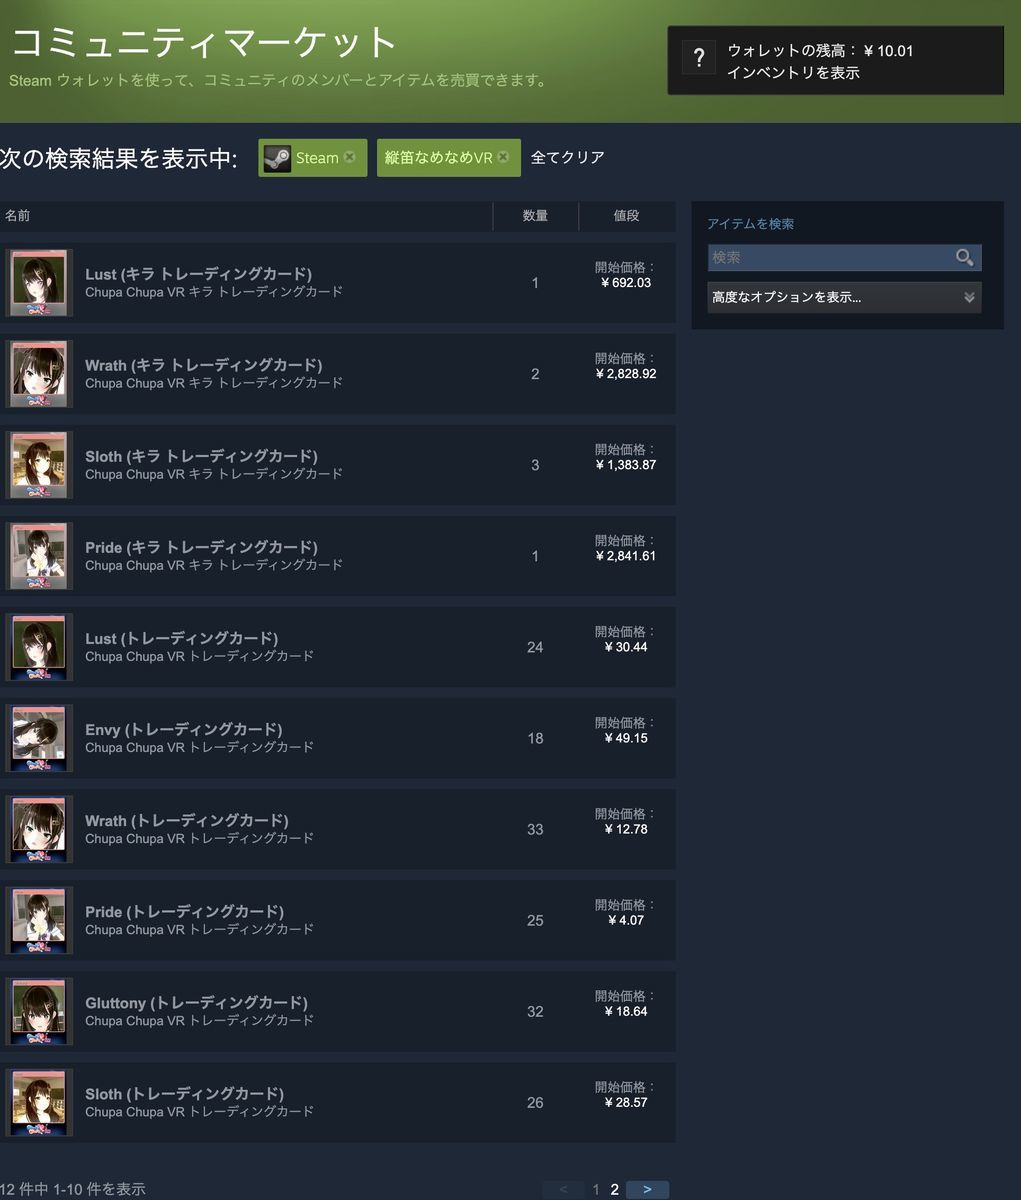 f:id:kan_kikuchi:20200924095607j:plain